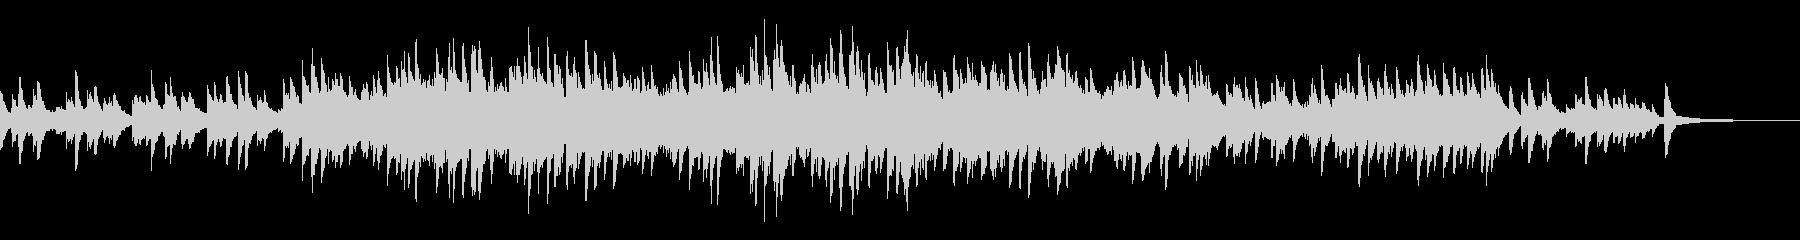 エンディングをイメージしたピアノソロの未再生の波形